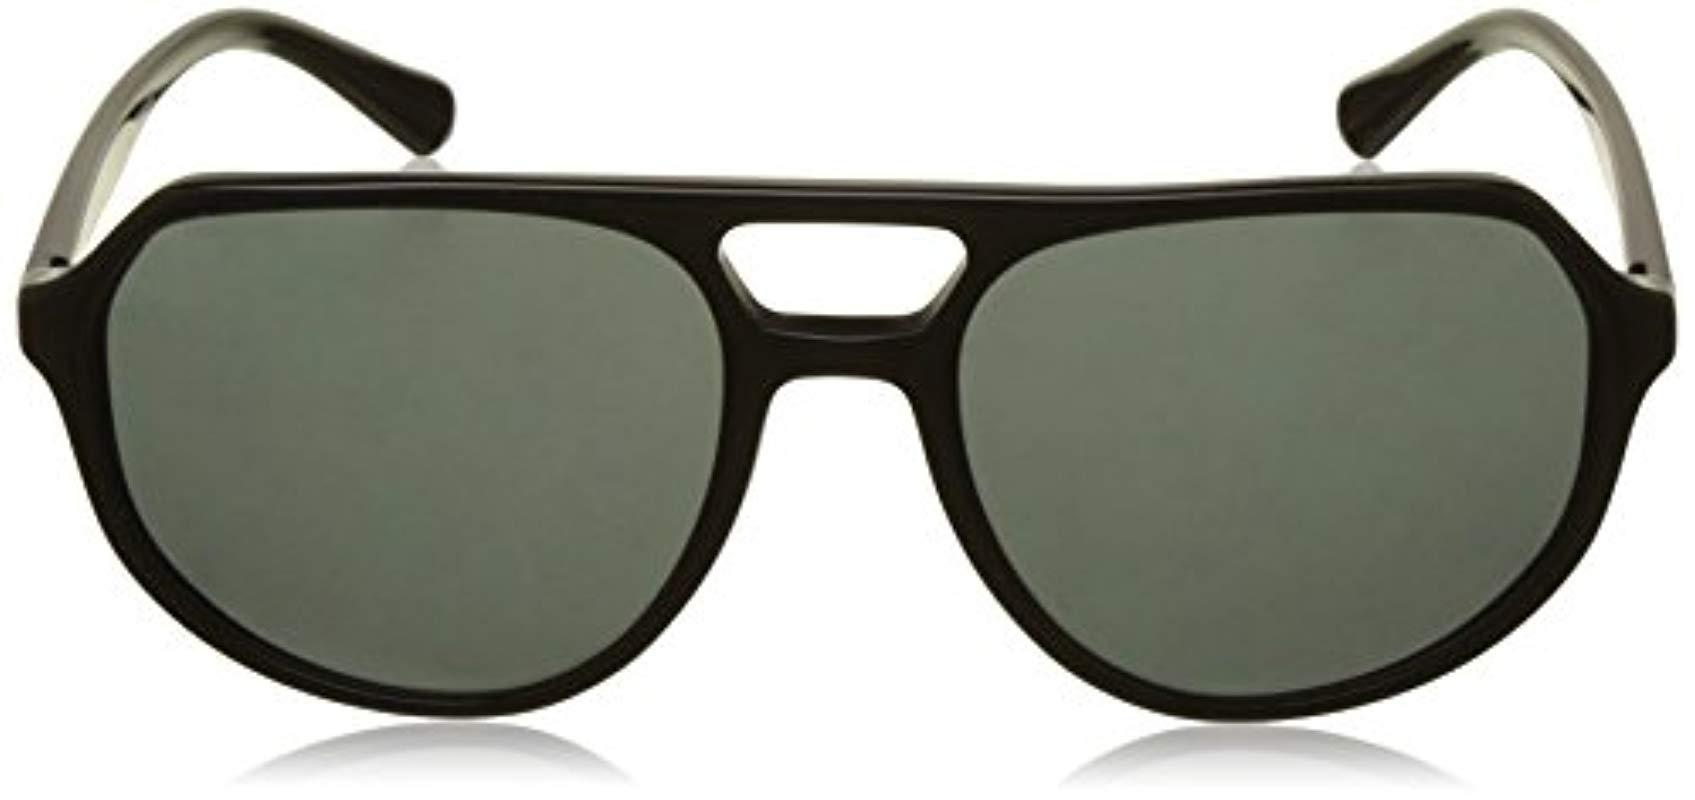 6296517c994 Ray-Ban - 0ea4111 Sunglasses